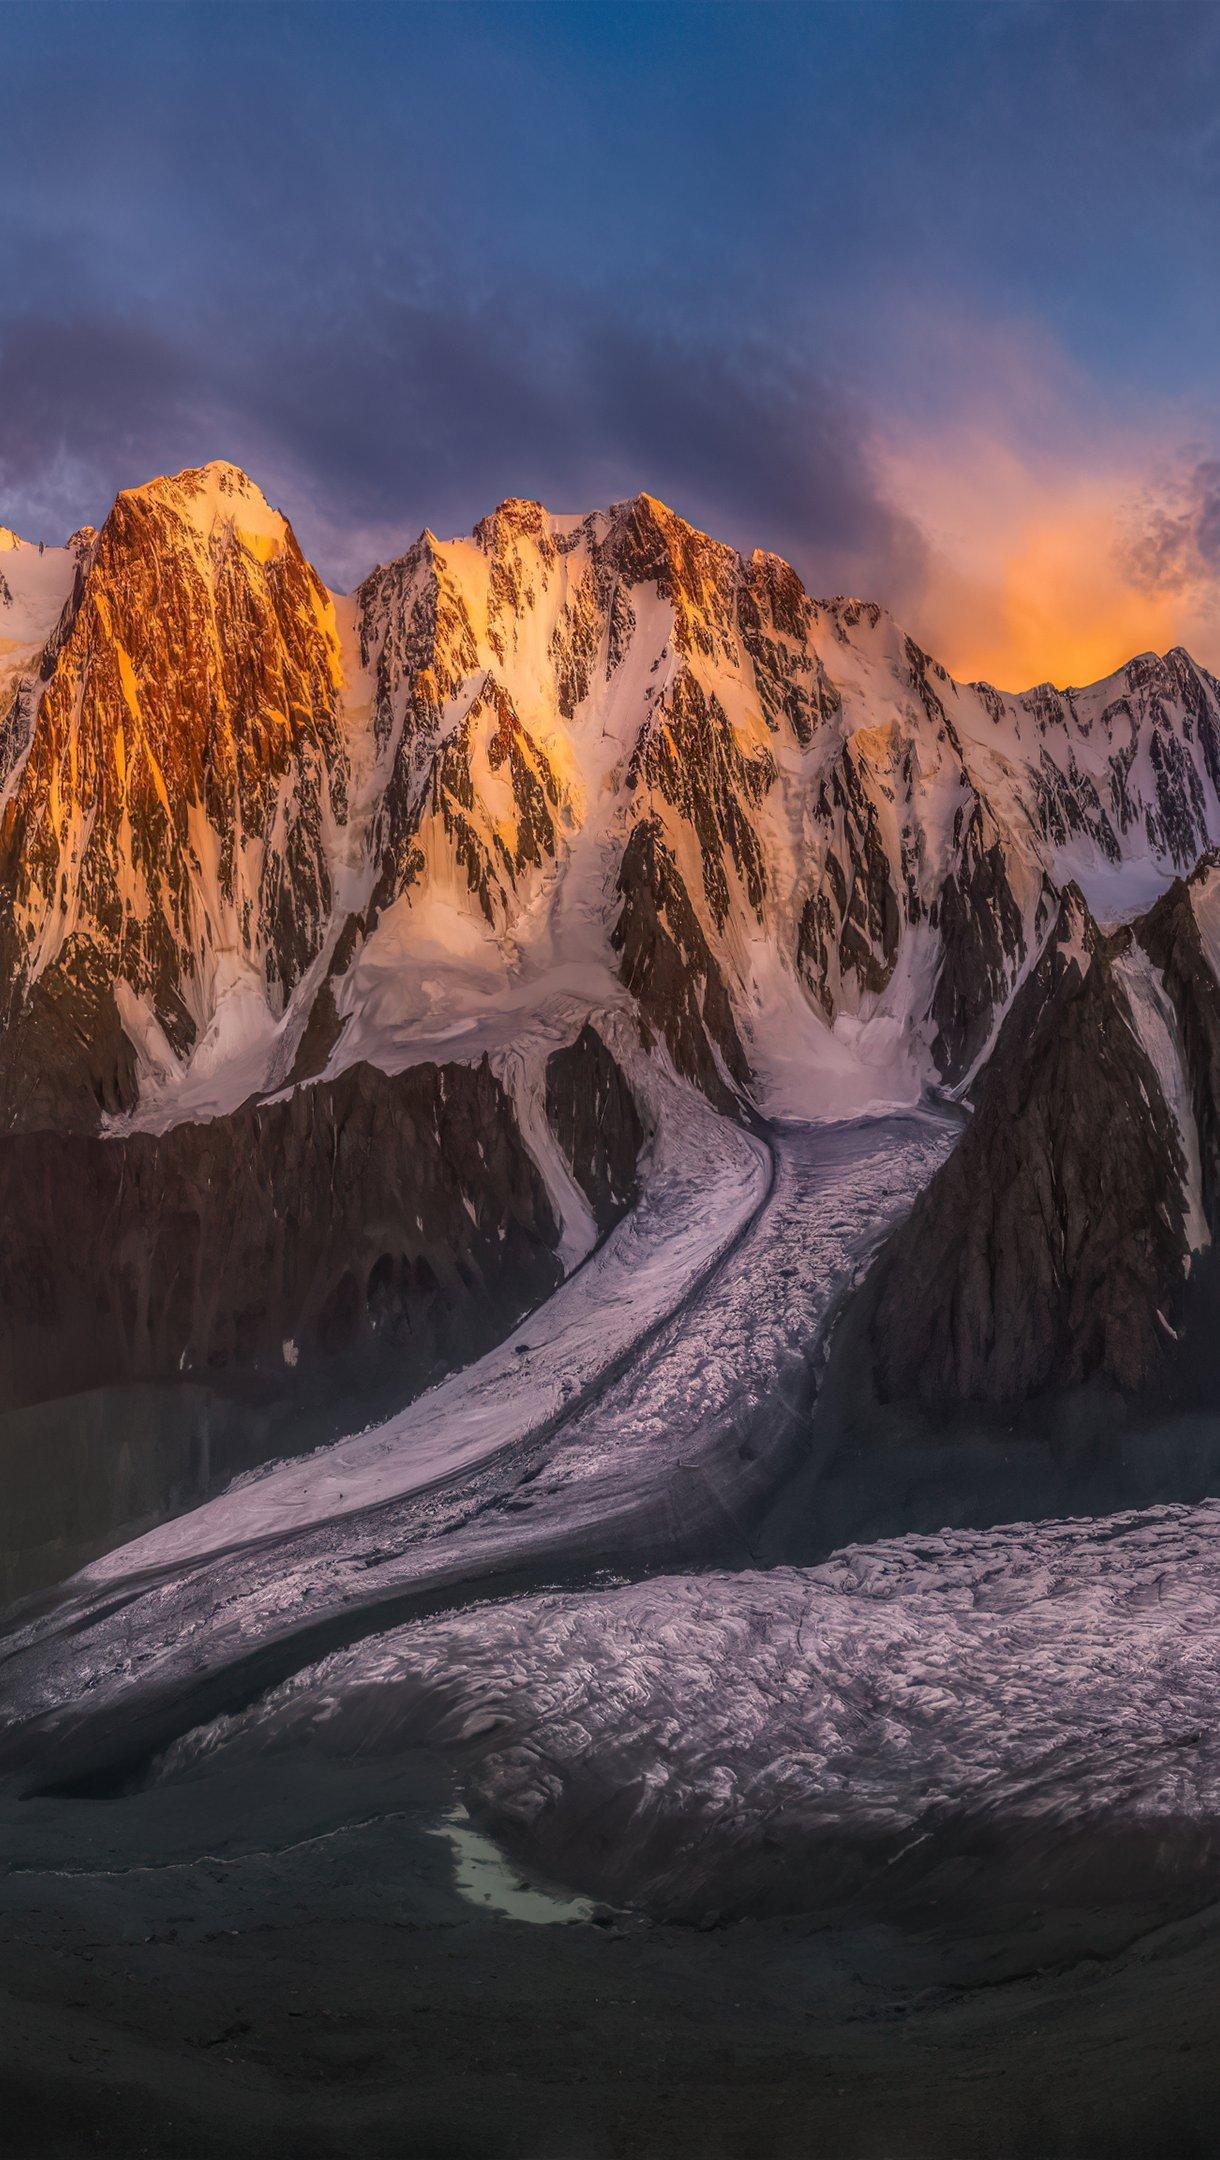 Fondos de pantalla Atardecer detras de montañas con nieve Vertical